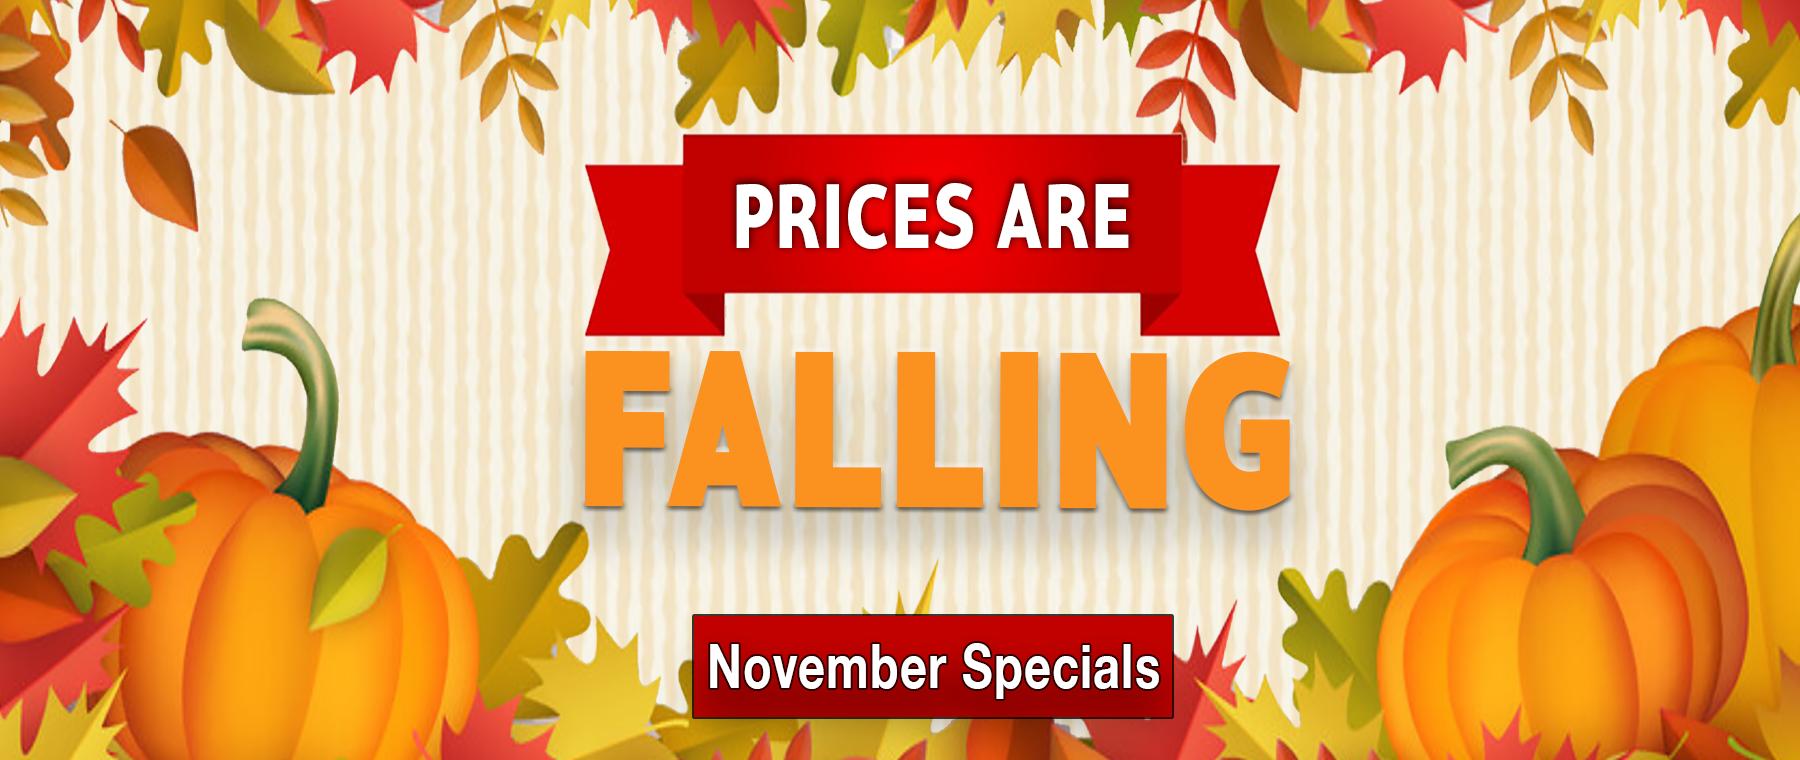 November Specials